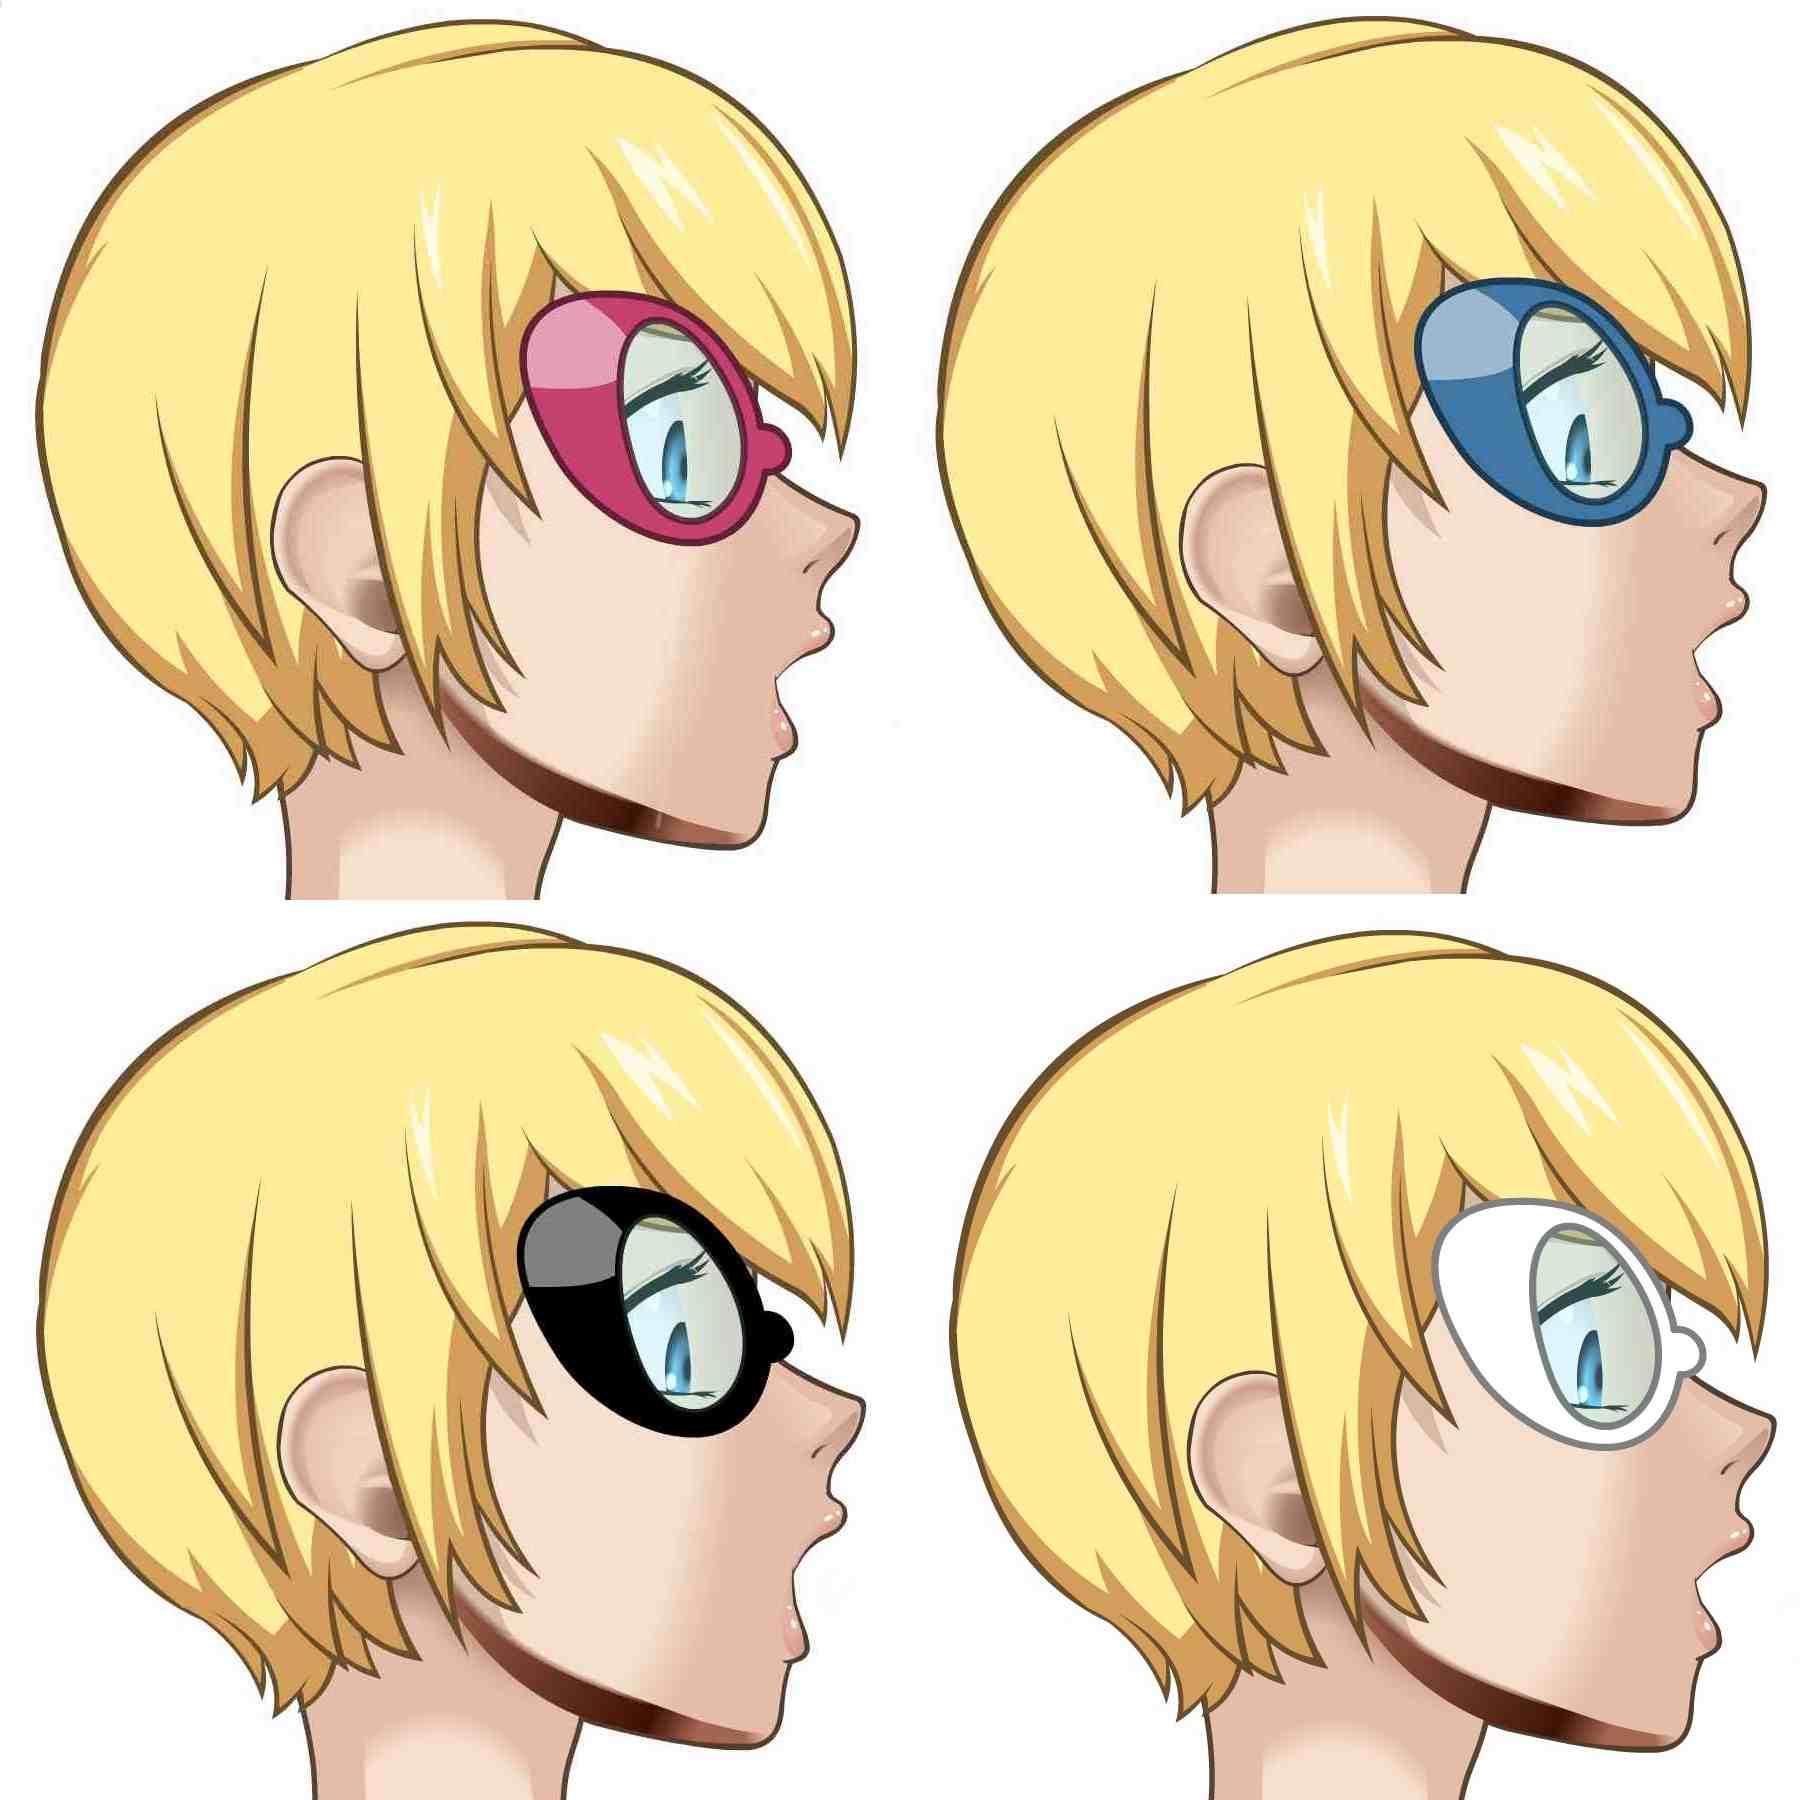 Eyewear - Wicke Glasses (eyewear slider) - example.jpg